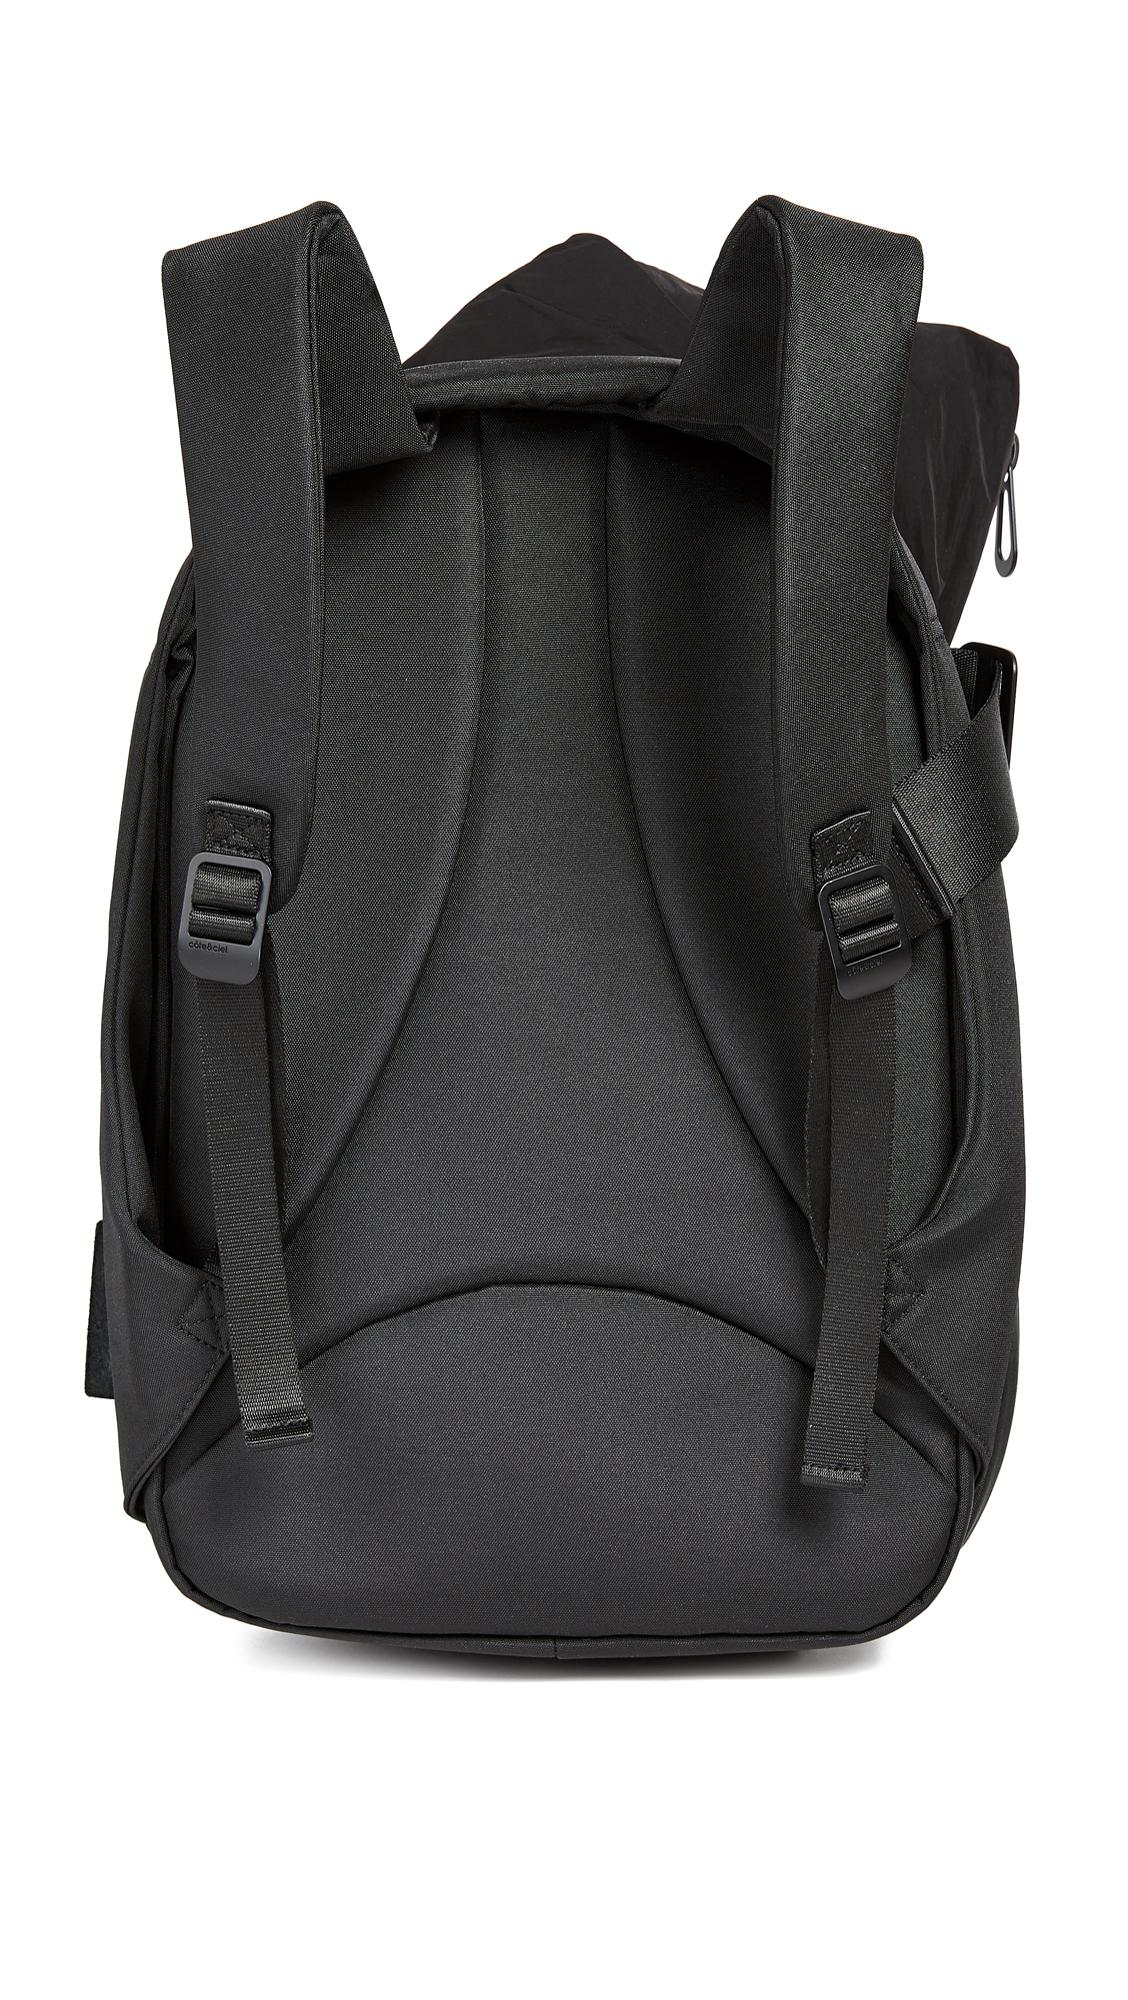 Côte&Ciel Isar Memory Tech Backpack in Black for Men